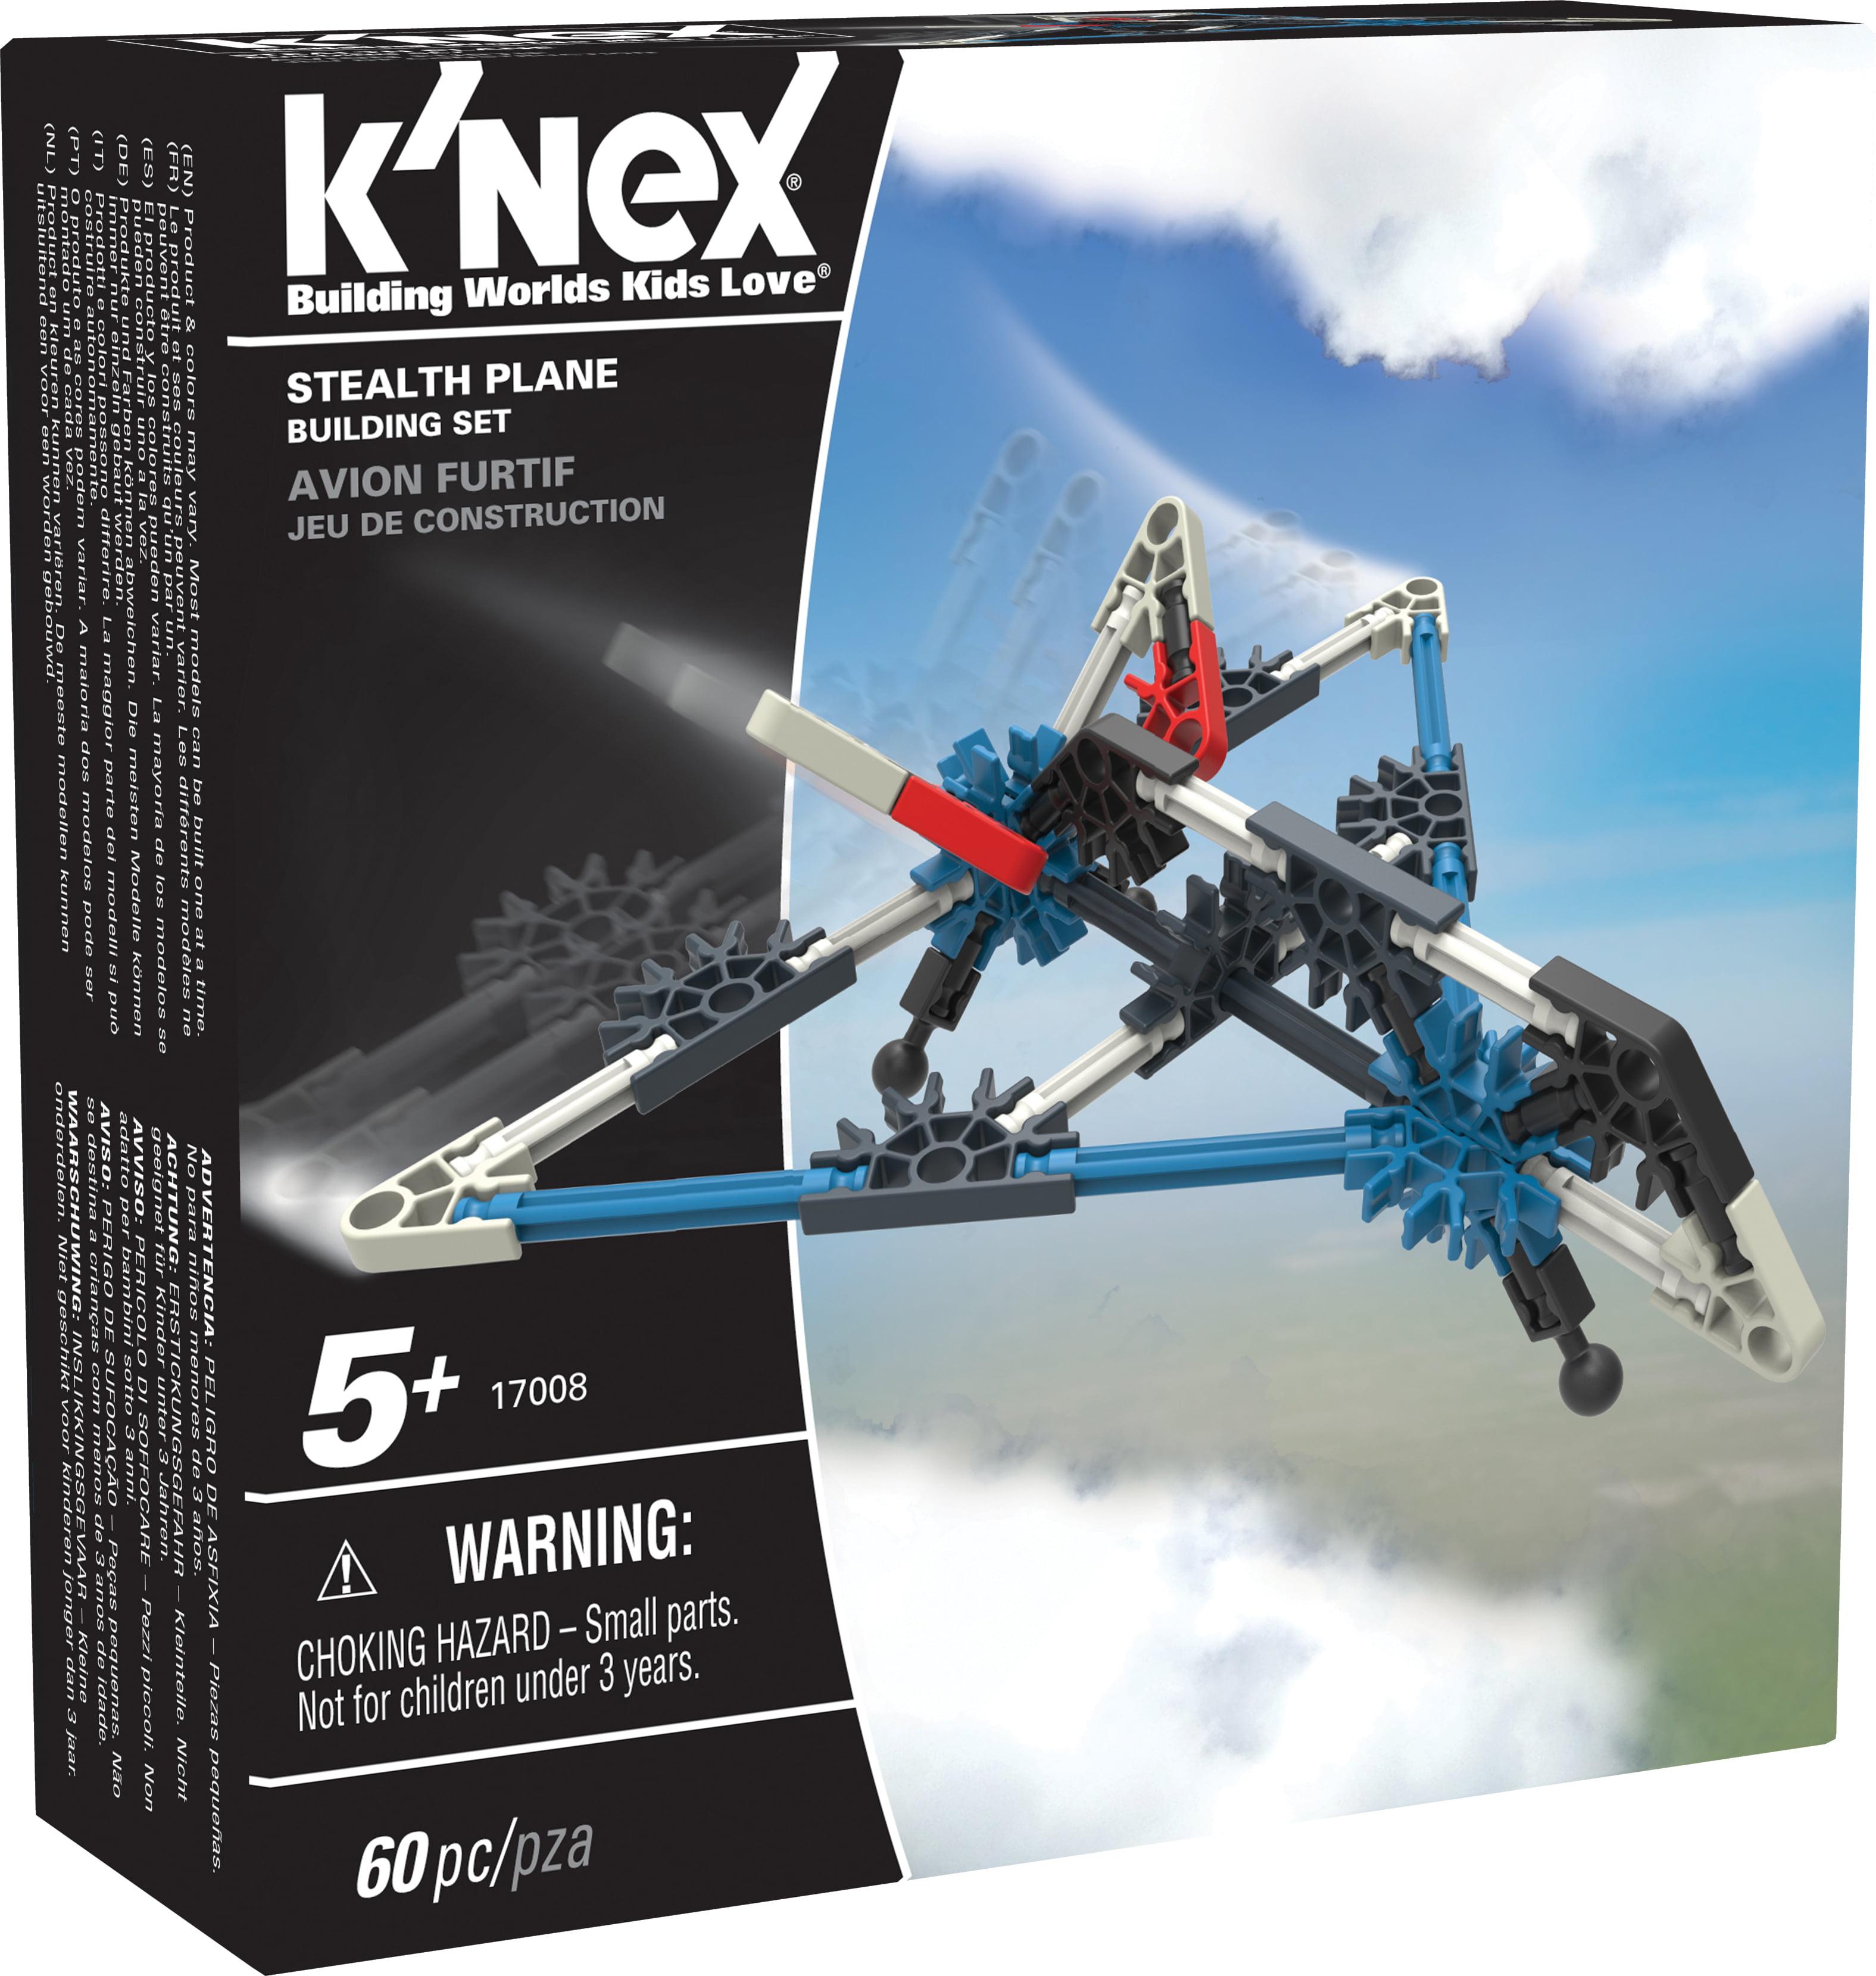 K'NEX Imagine - Stealth Plane Building Set 60 Pieces For Ages 5+ Construction Education Toy